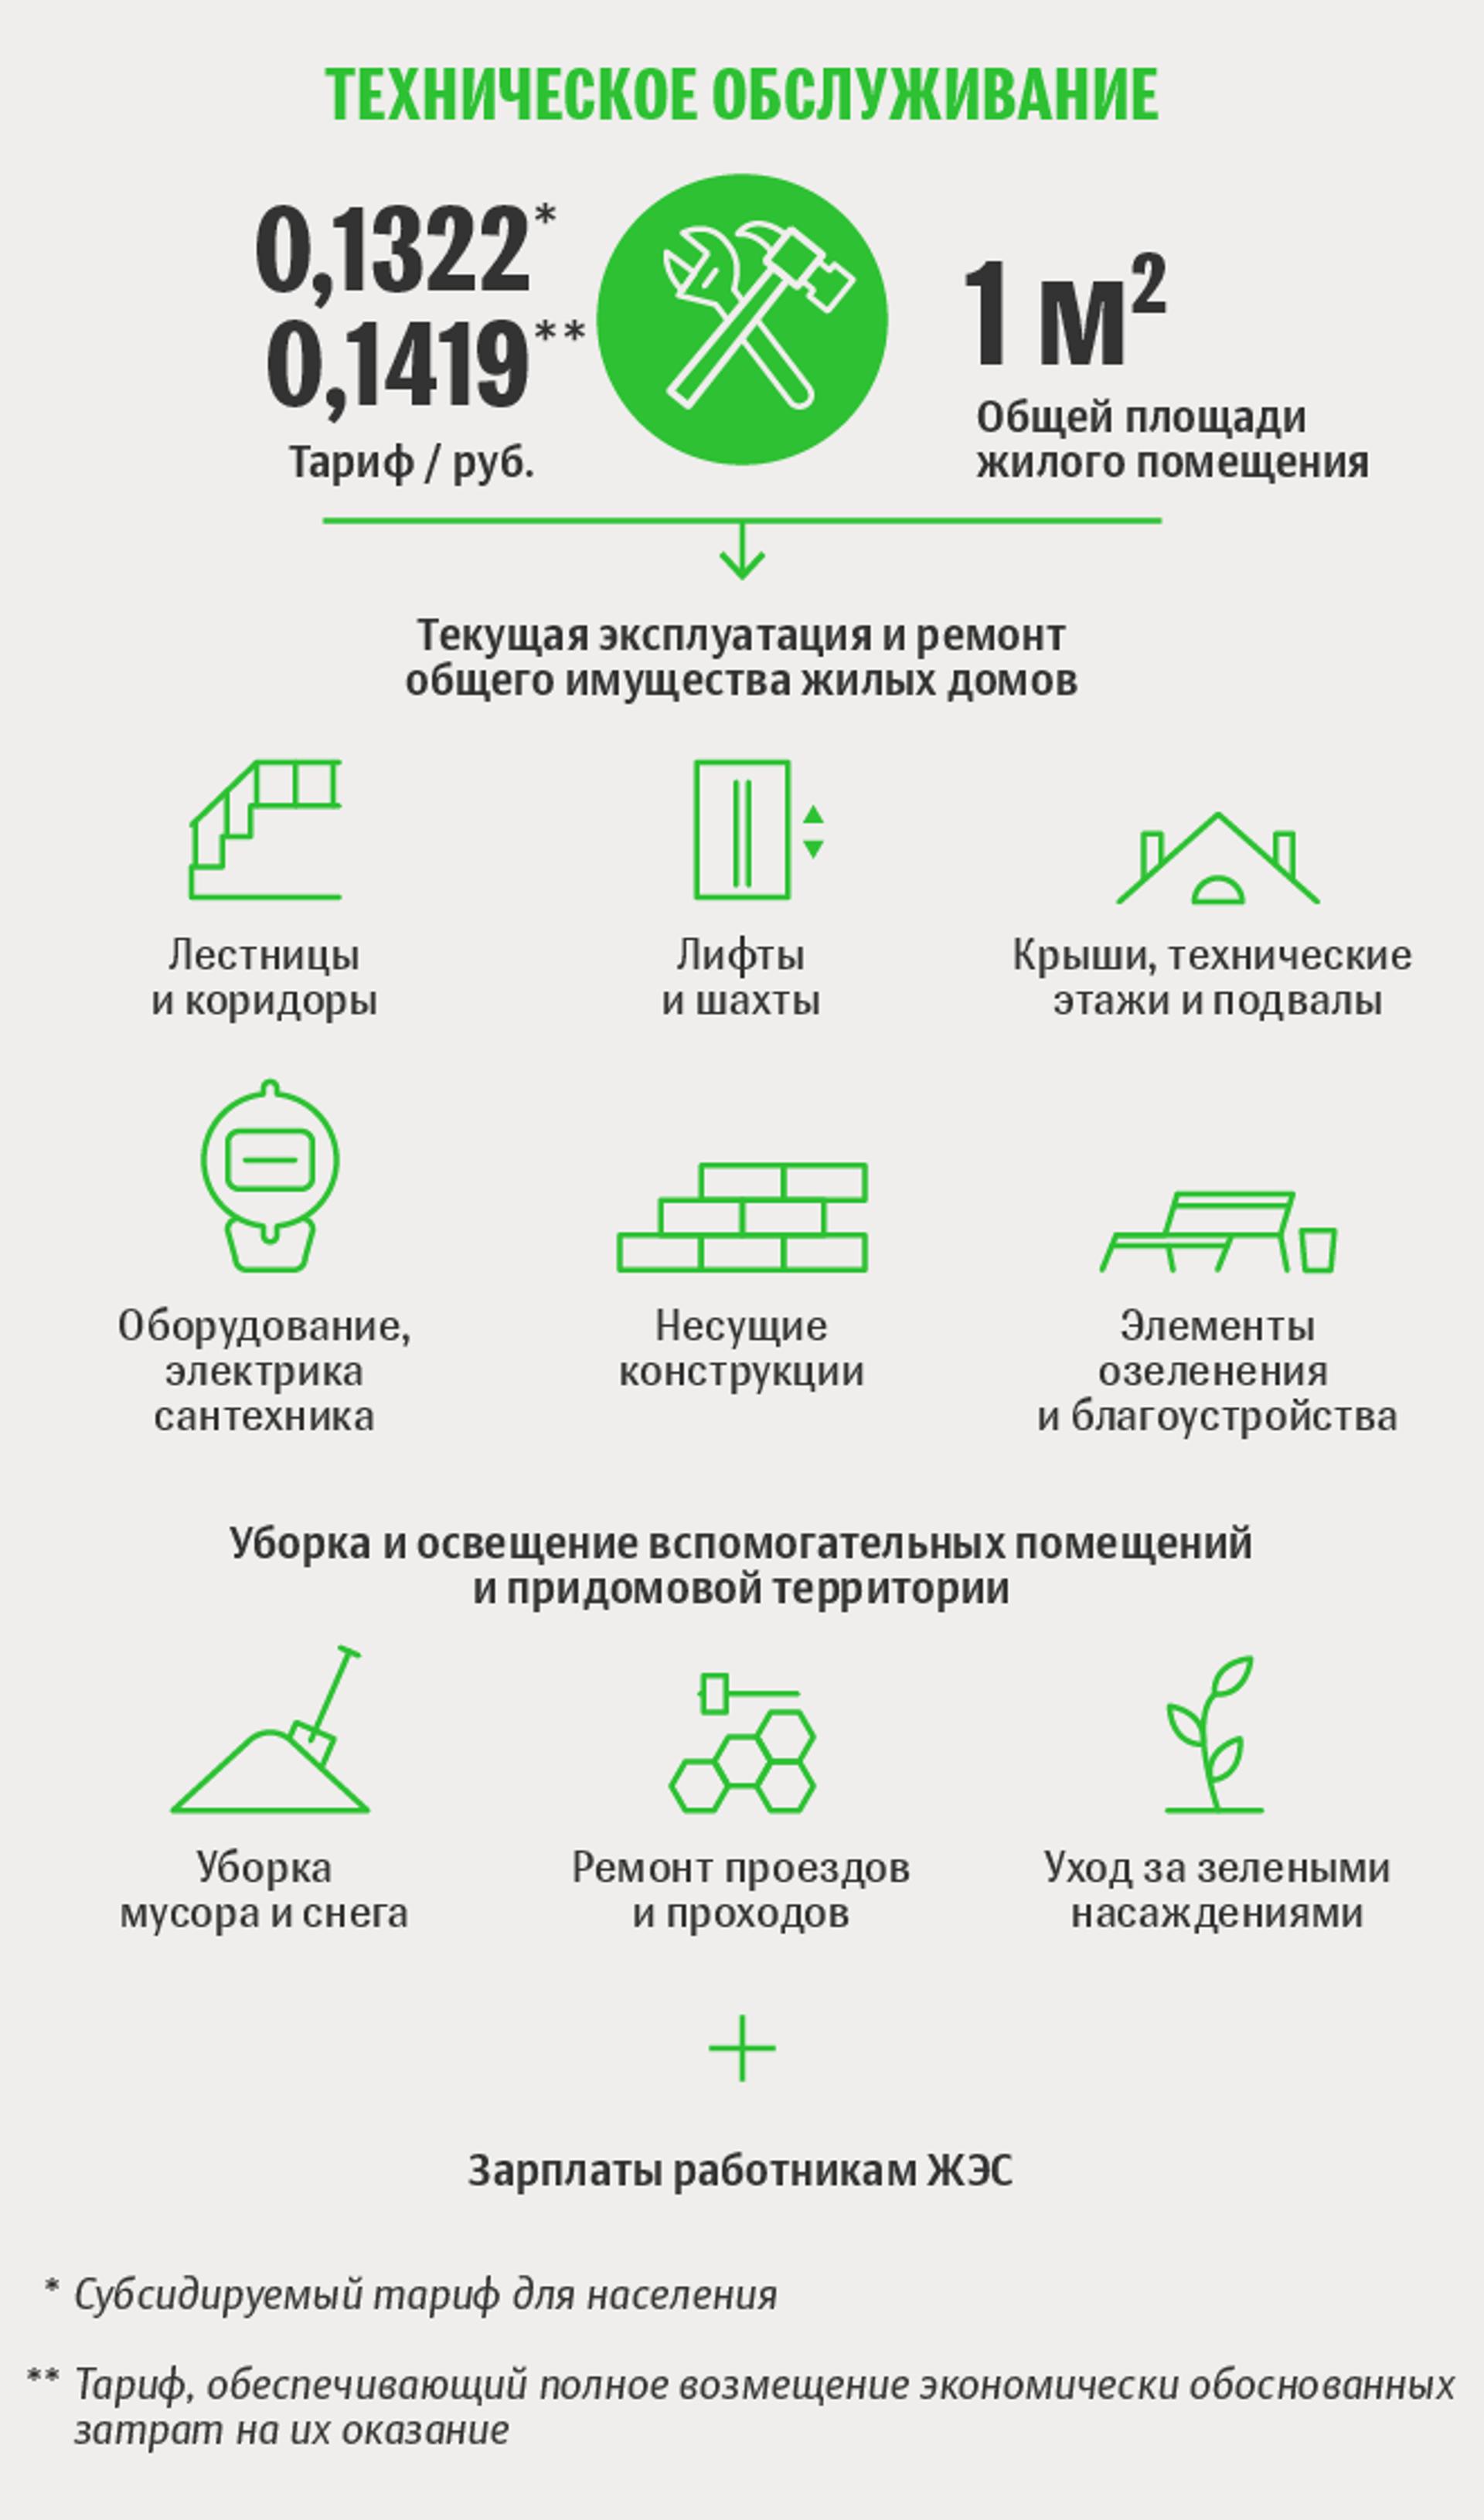 Тарифы белорусской жировки: техническое обслуживание - Sputnik Беларусь, 1920, 29.06.2021